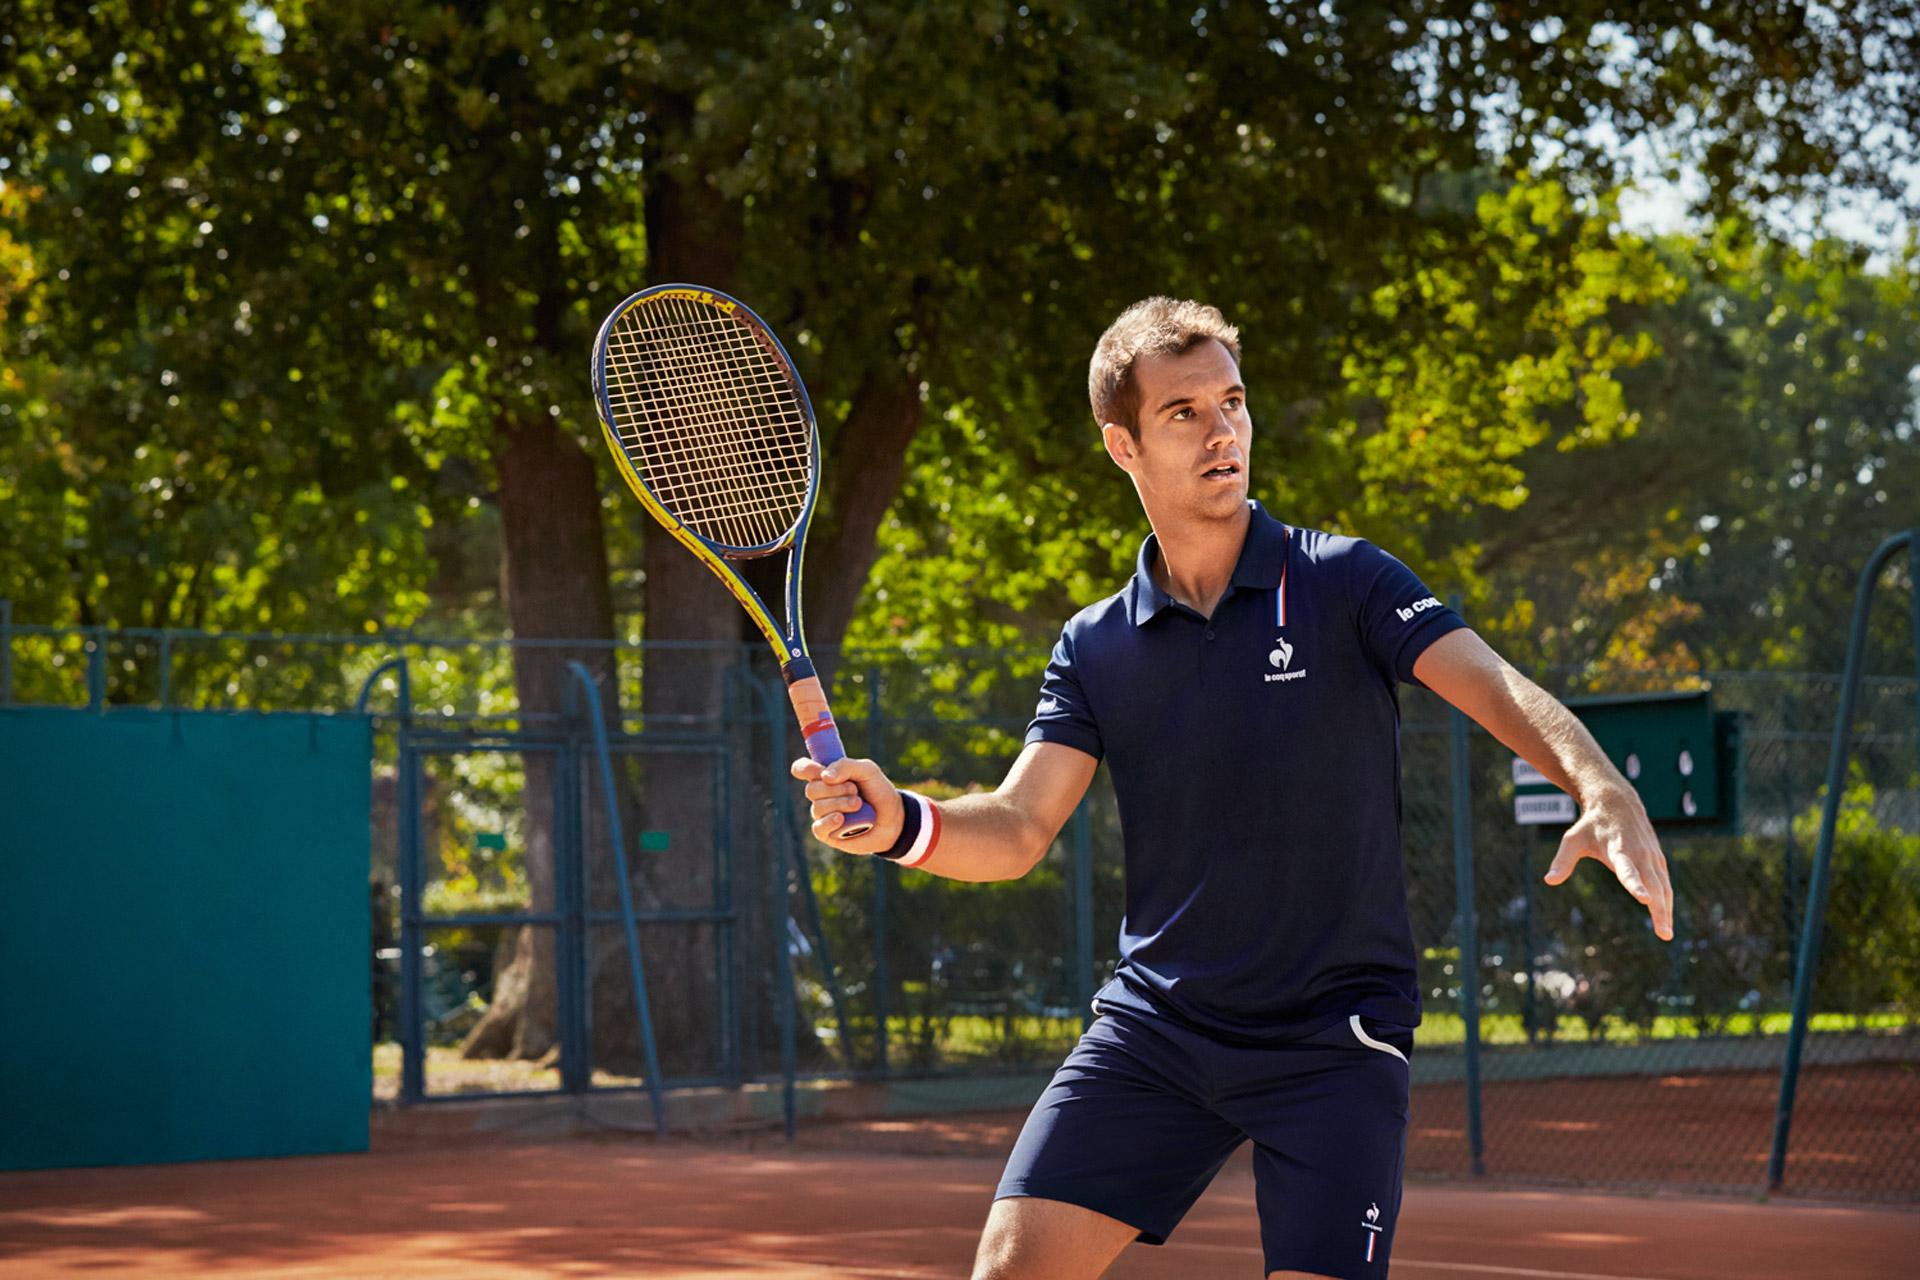 polo coq sportif tennis